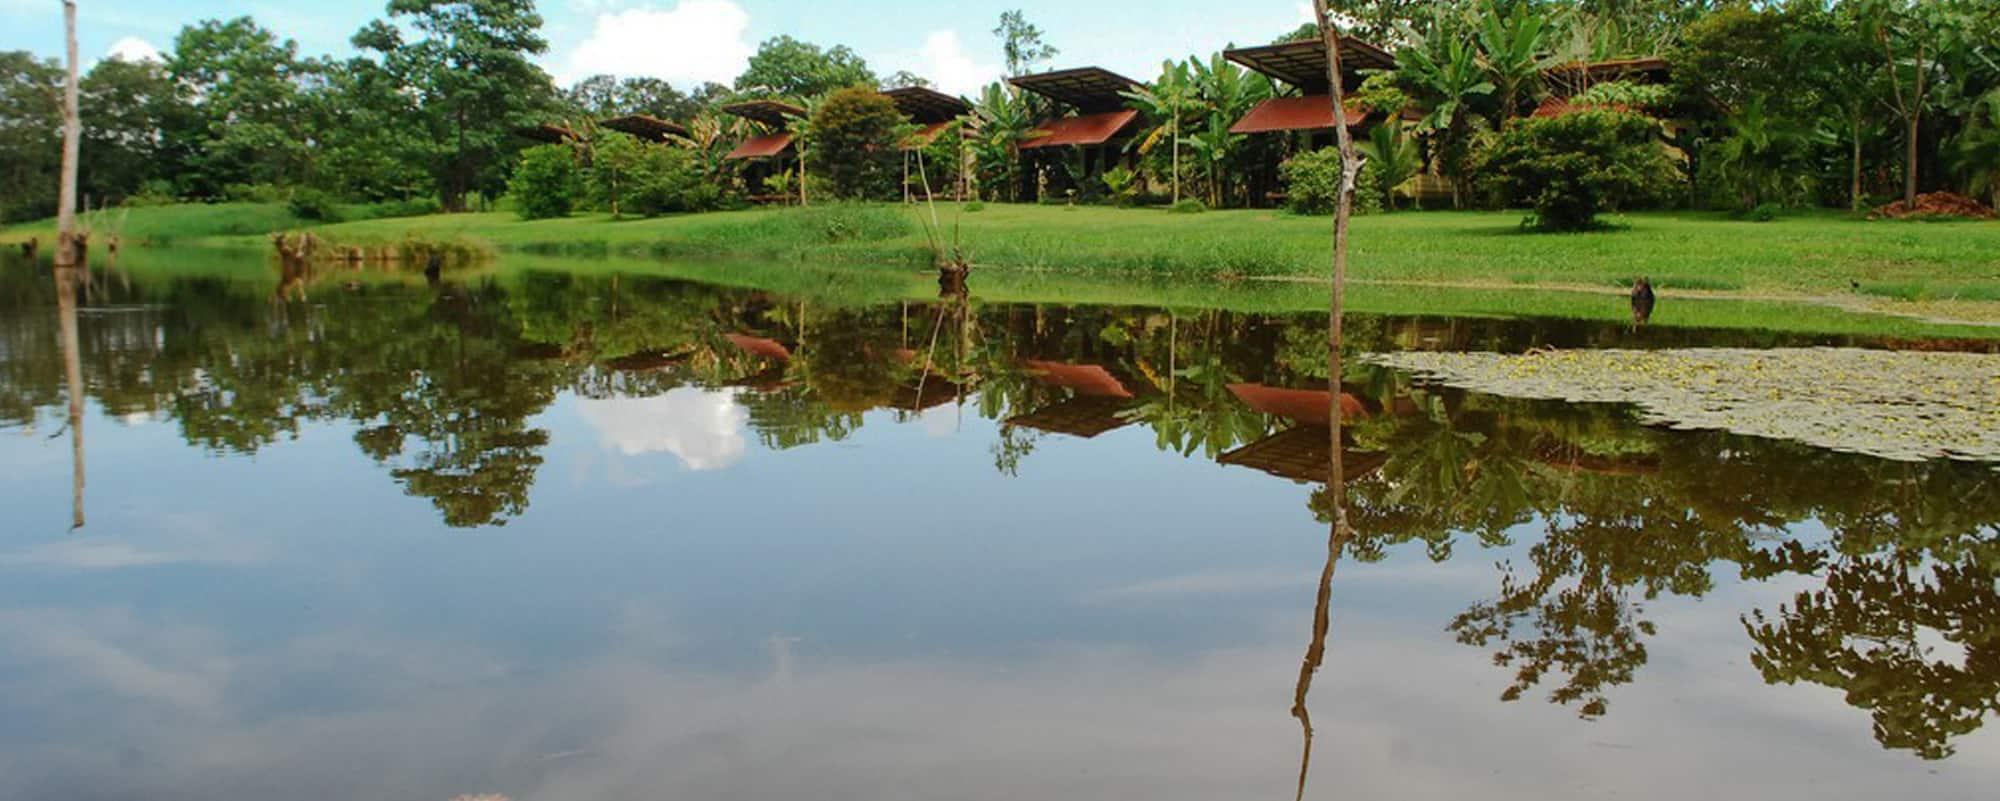 Boca Tapada Hotels Costa Rica Costa Rican Trails Great